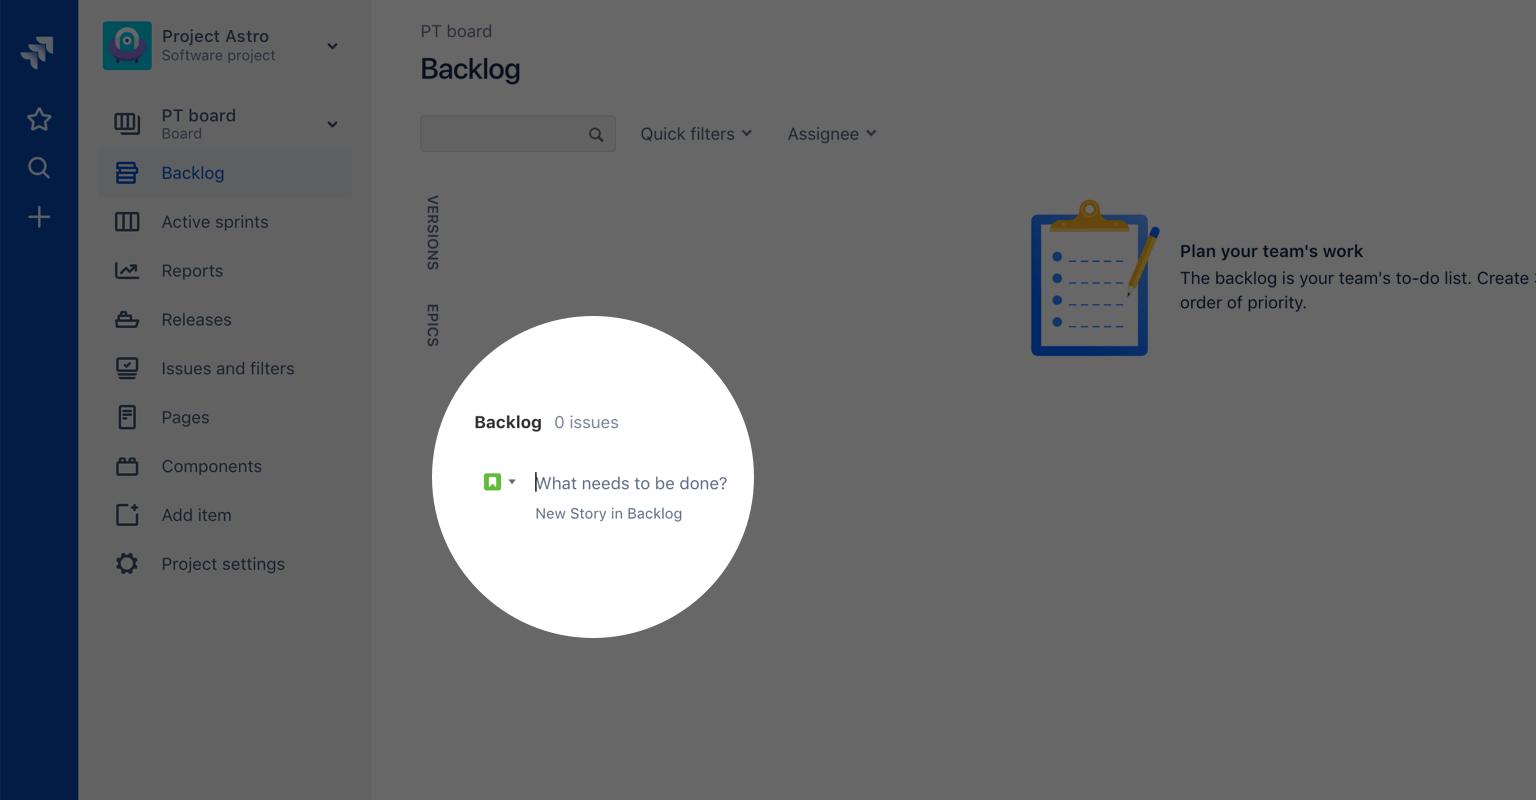 突出显示待办事项列表的屏幕截图